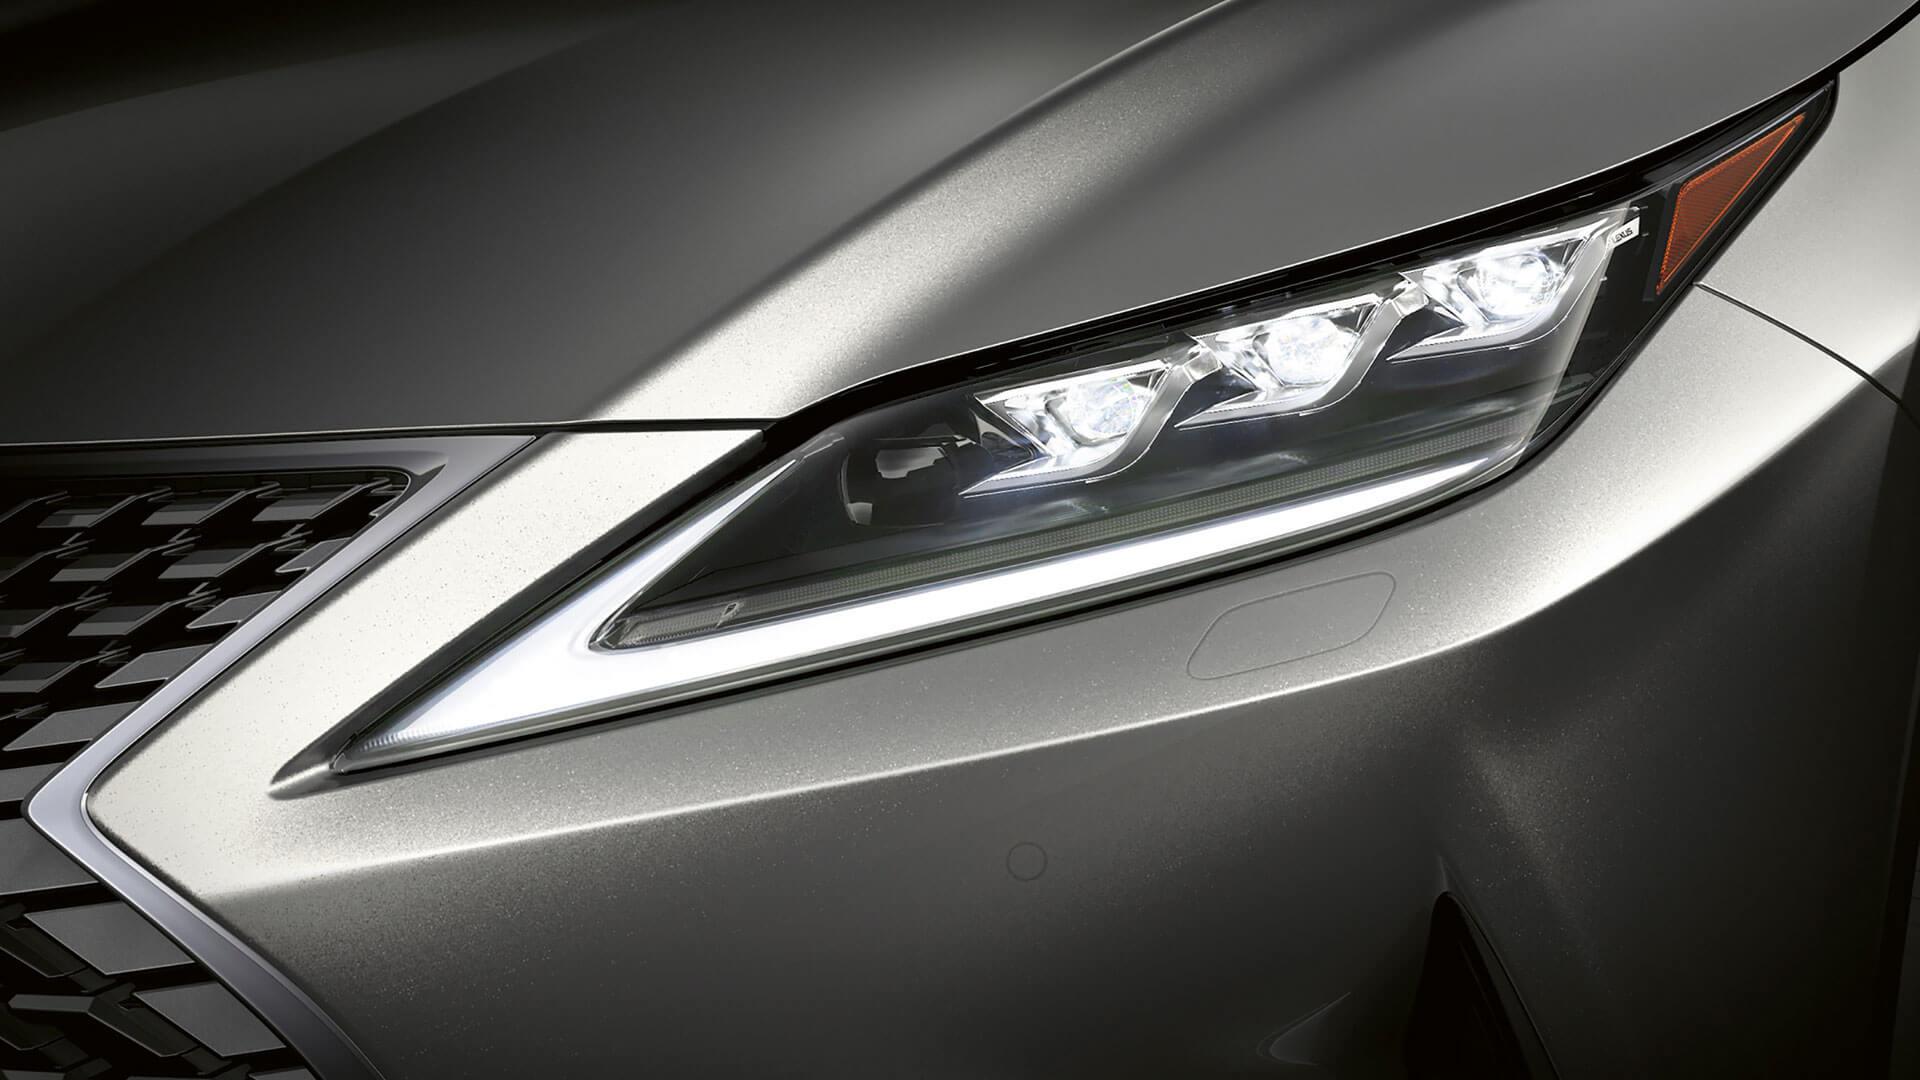 2019 lexus rxl hotspot triple led headlights